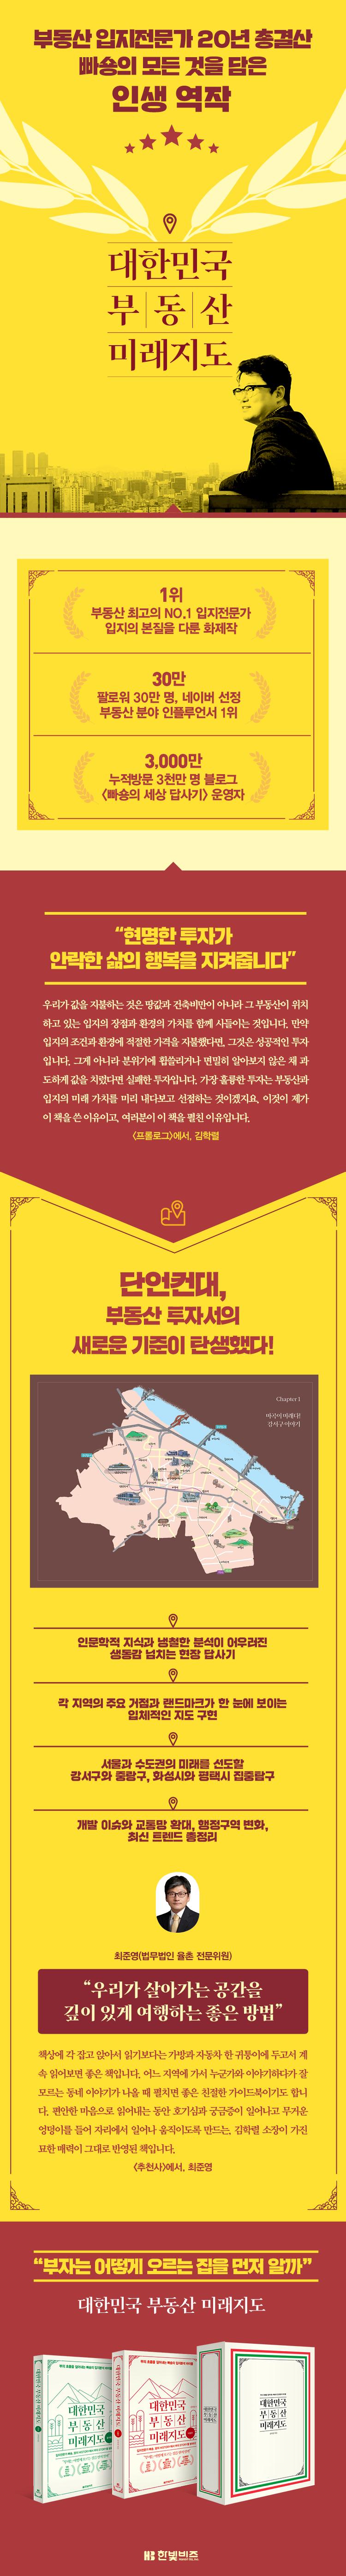 대한민국 부동산 미래지도 1~2권 박스 세트(전2권) 도서 상세이미지